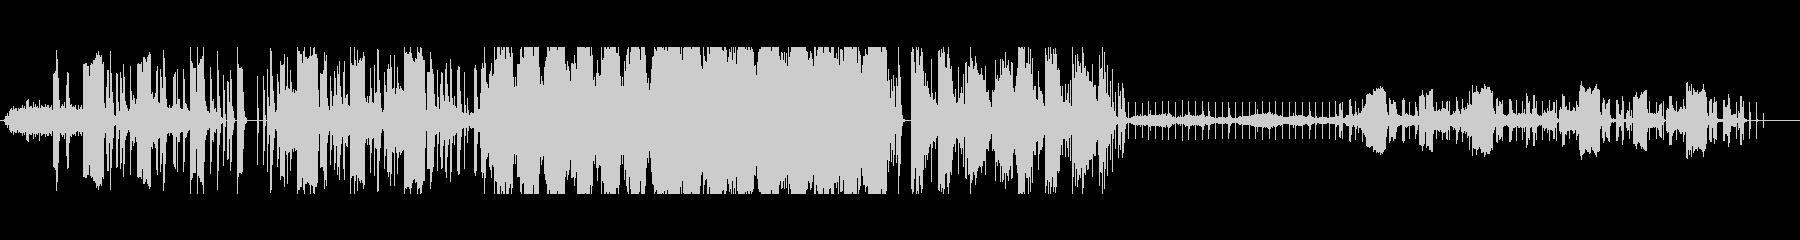 不思議さと温かみのあるスローエレクトロの未再生の波形